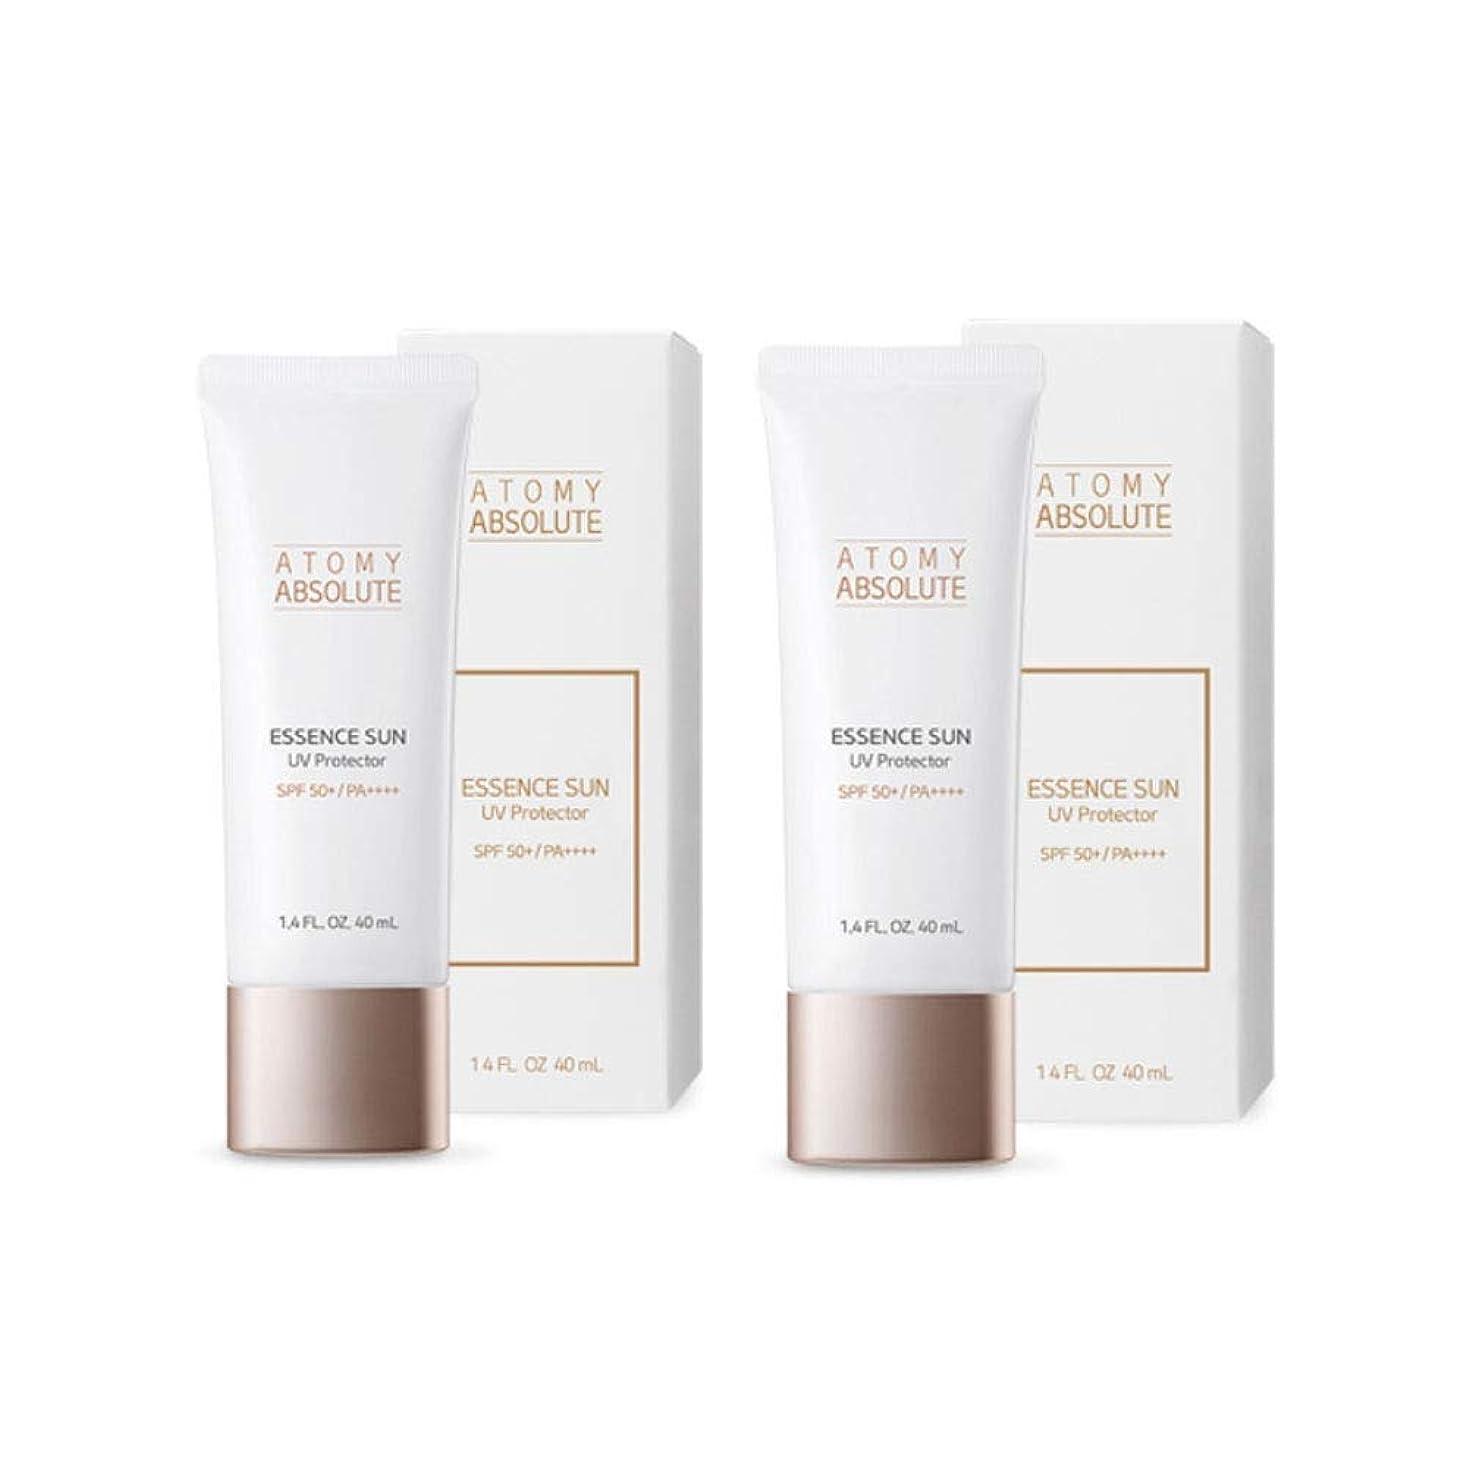 カポックバイアスクリエイティブアトミアブソリュートエッセンスサンUVプロテクター40mlx2本セットサンクリーム韓国コスメ、Atomy Absolute Essence Sun UV Protector 40ml x 2ea Set Sun Cream Korean Cosmetics [並行輸入品]